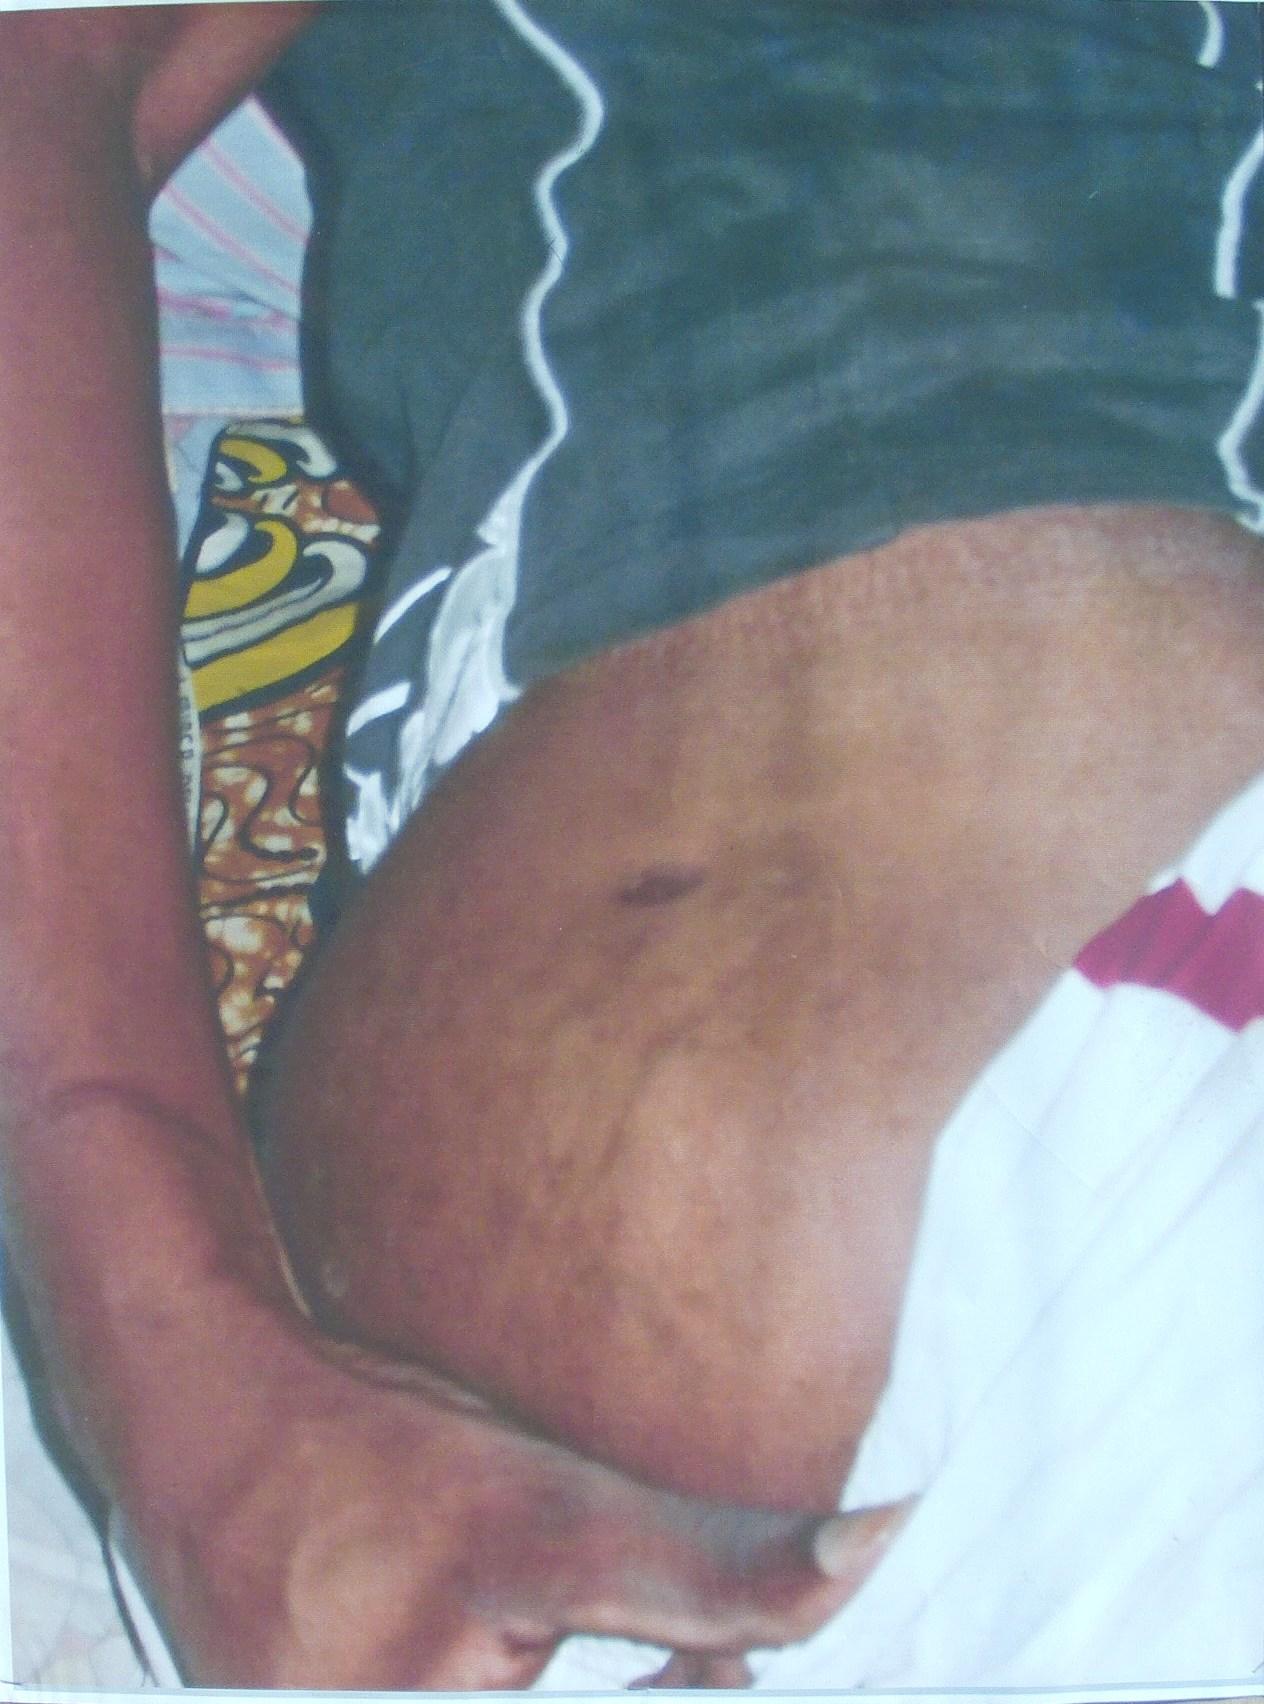 Massamba Fortuné torturé à coups de barres de fer. Il a eu une côte cassée au niveau des côtes flottantes gauche de la cage thoracique  l (Violations des Droits de l'Homme en Afrique et dans le monde)